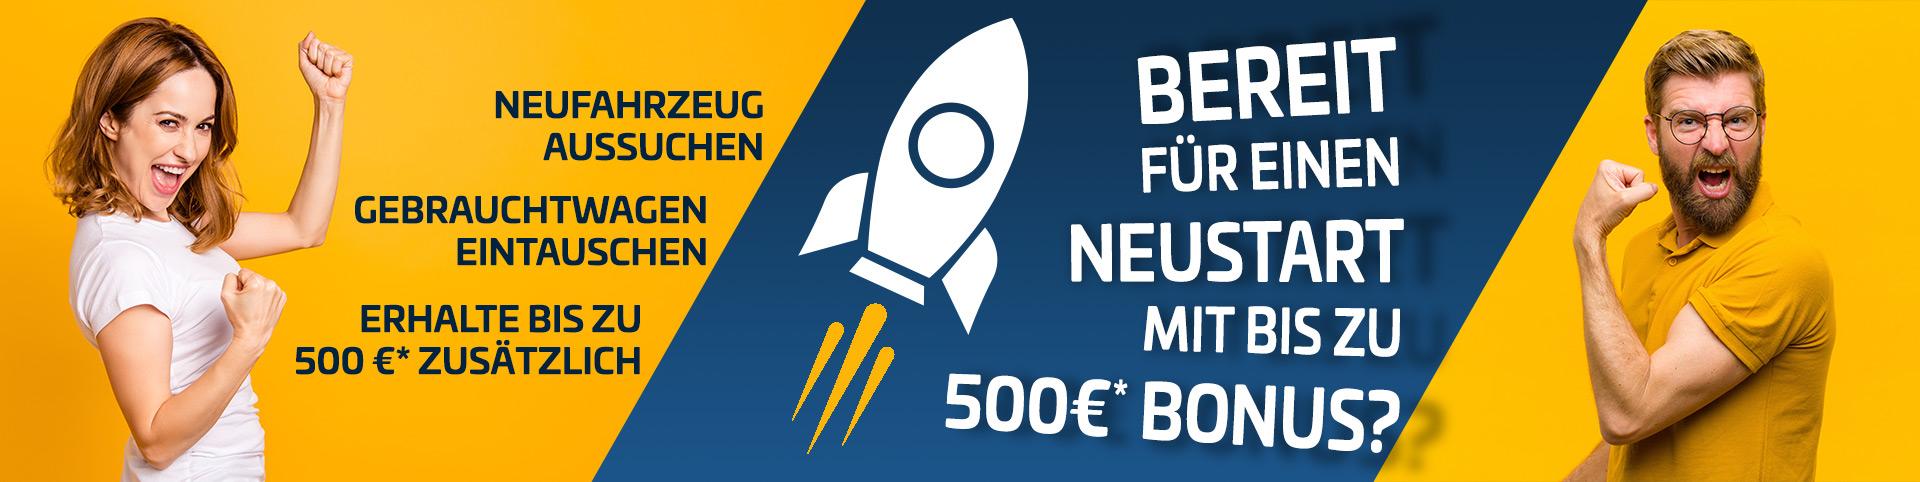 Neustart-Bonus von bis zu 500 EUR sichern